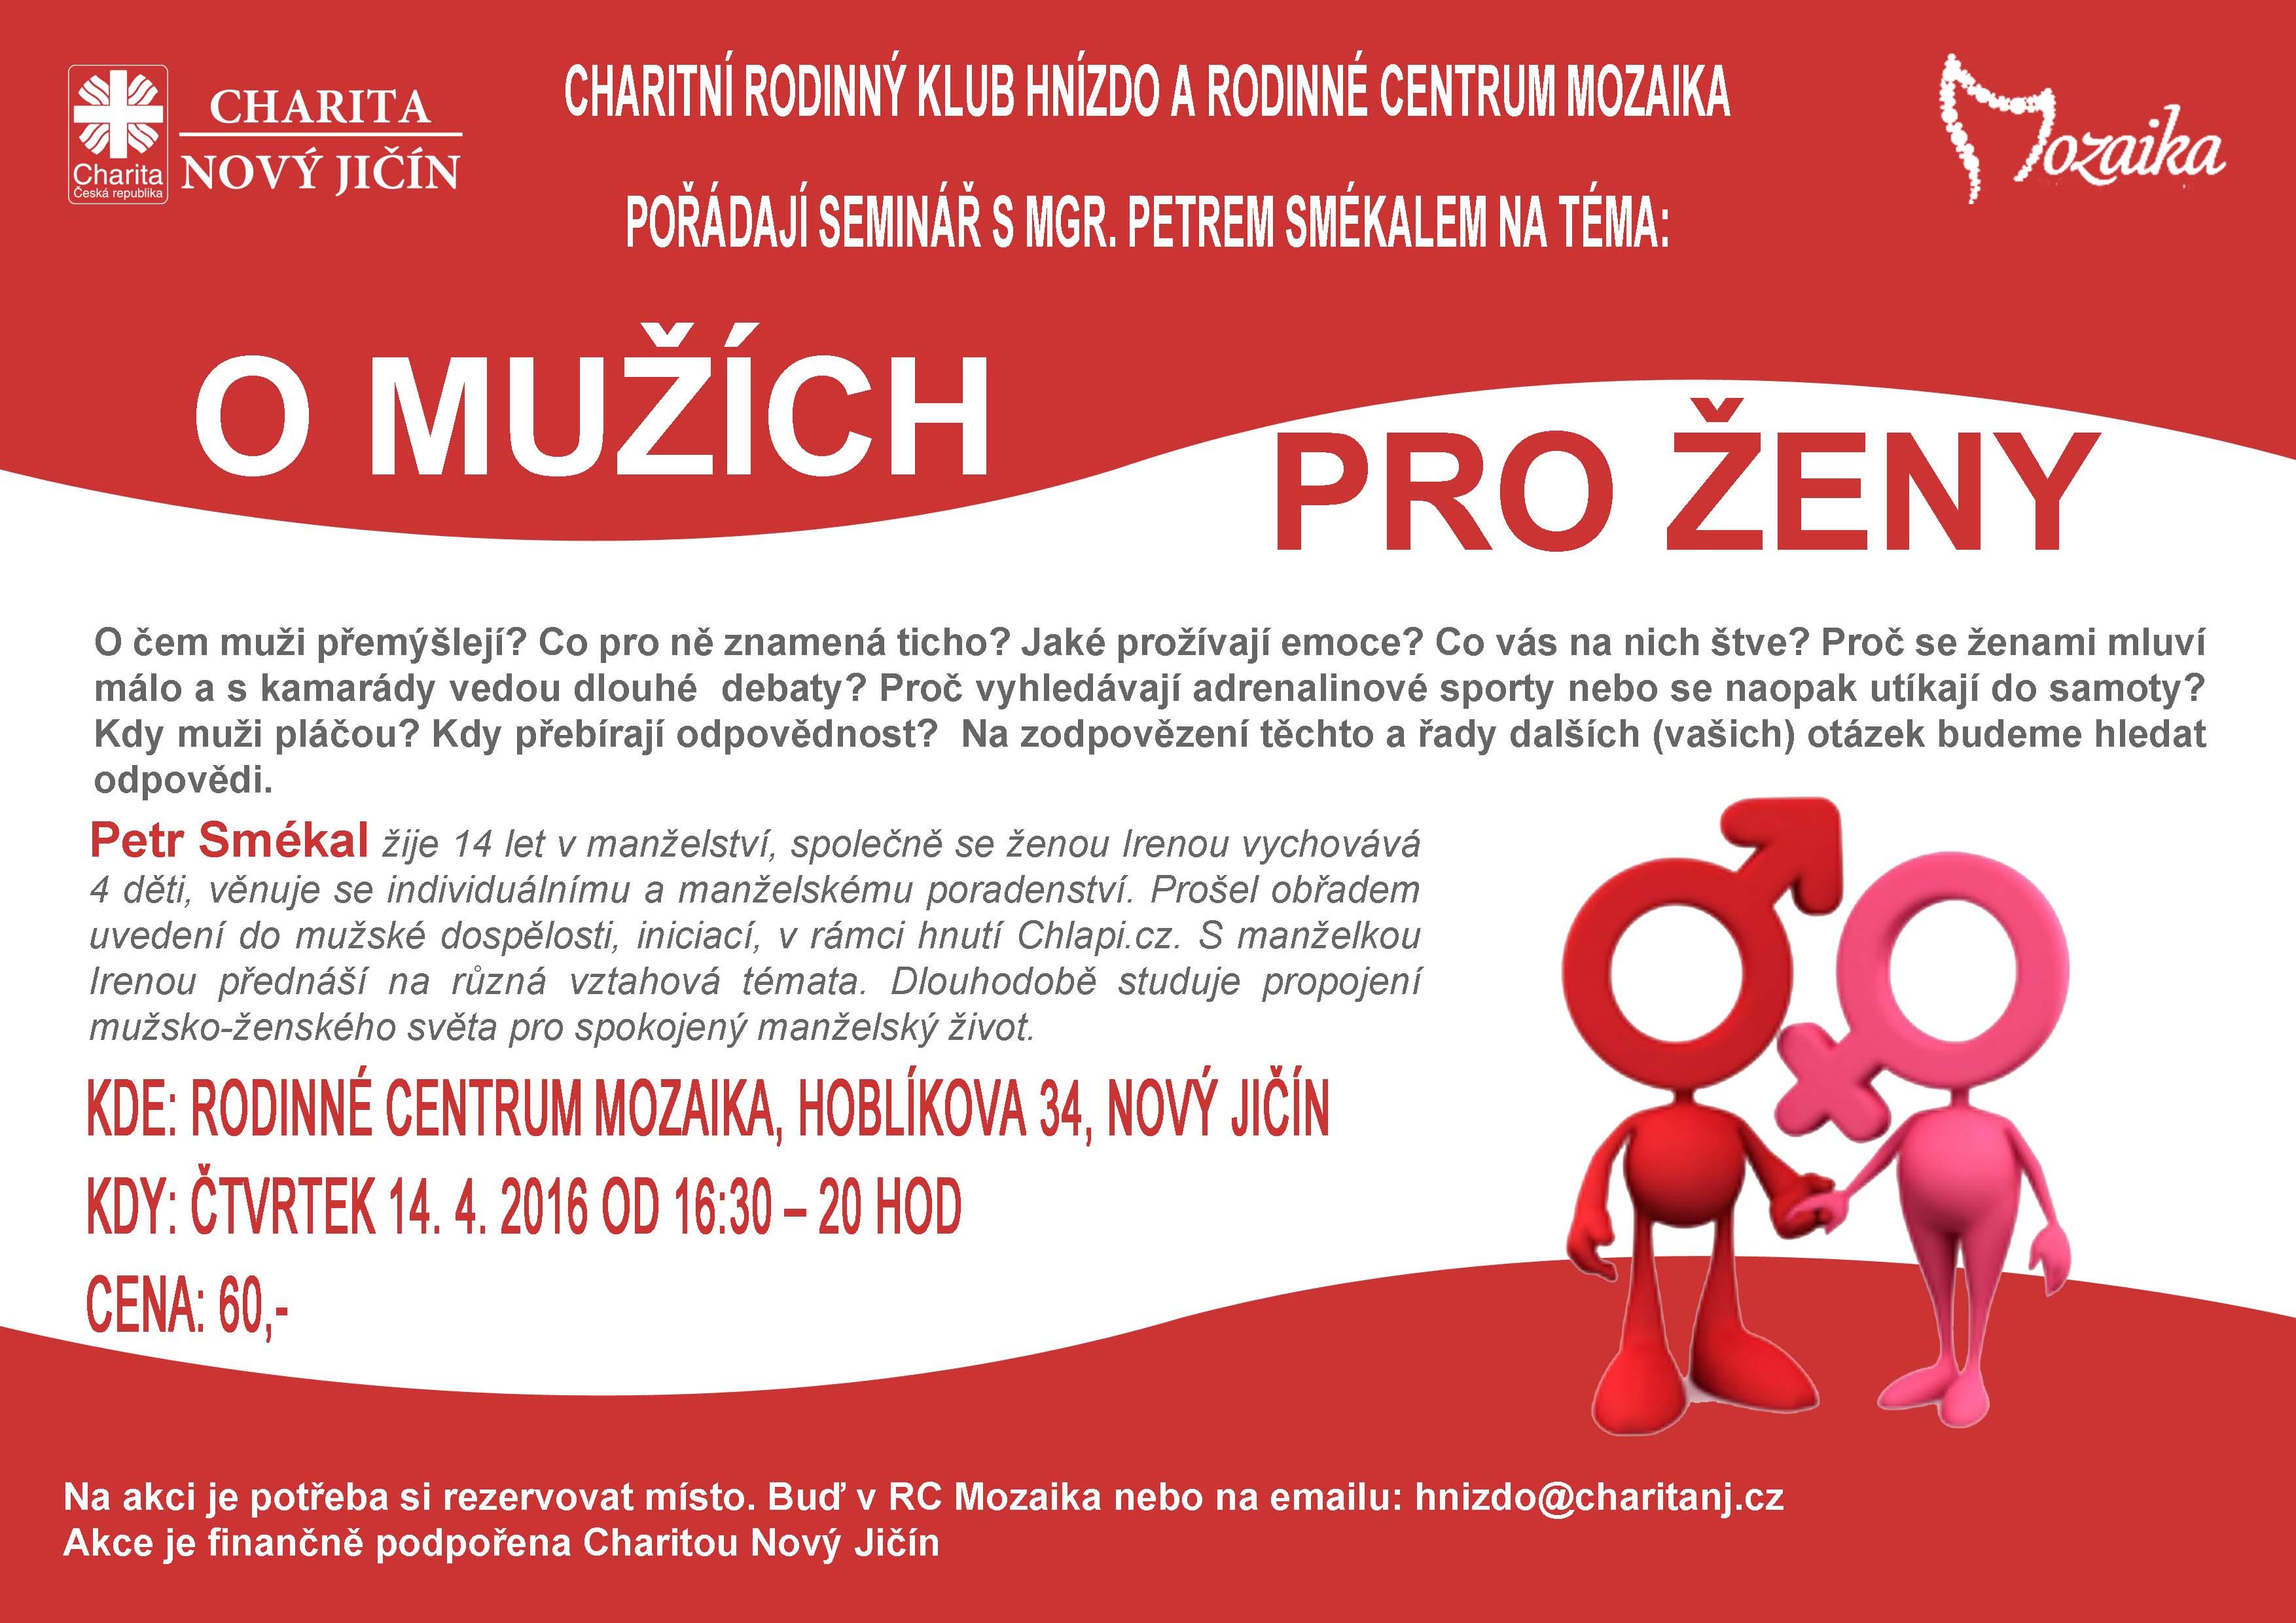 o_muzich_pro_zeny_v2